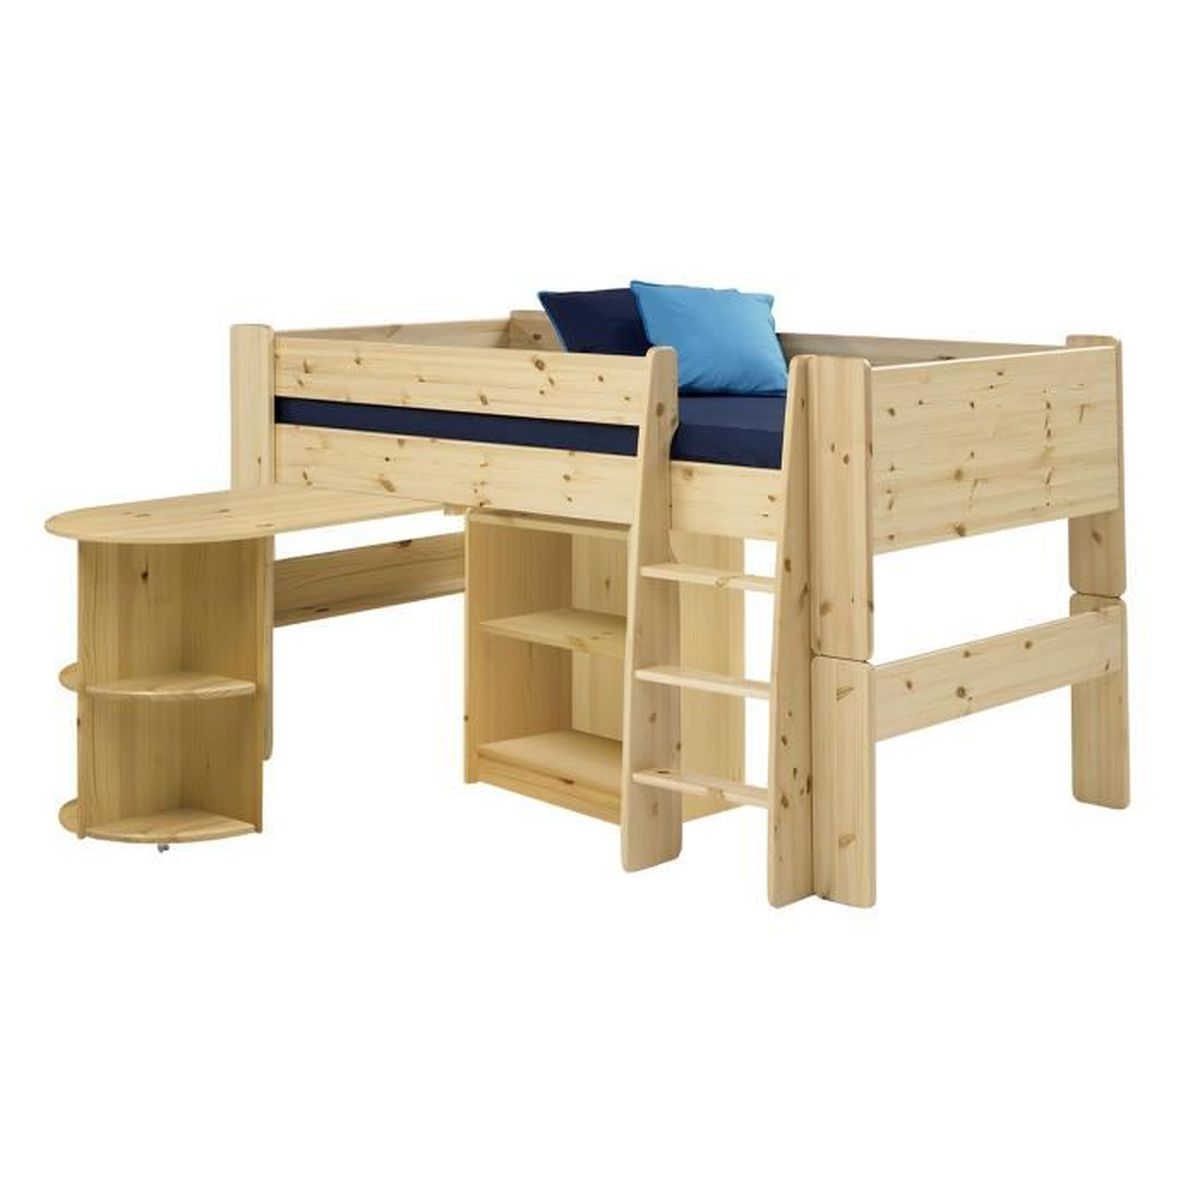 Lit Mezzanine 2 Adultes lit mi-hauteur en pin naturel, avec bureau et étagères